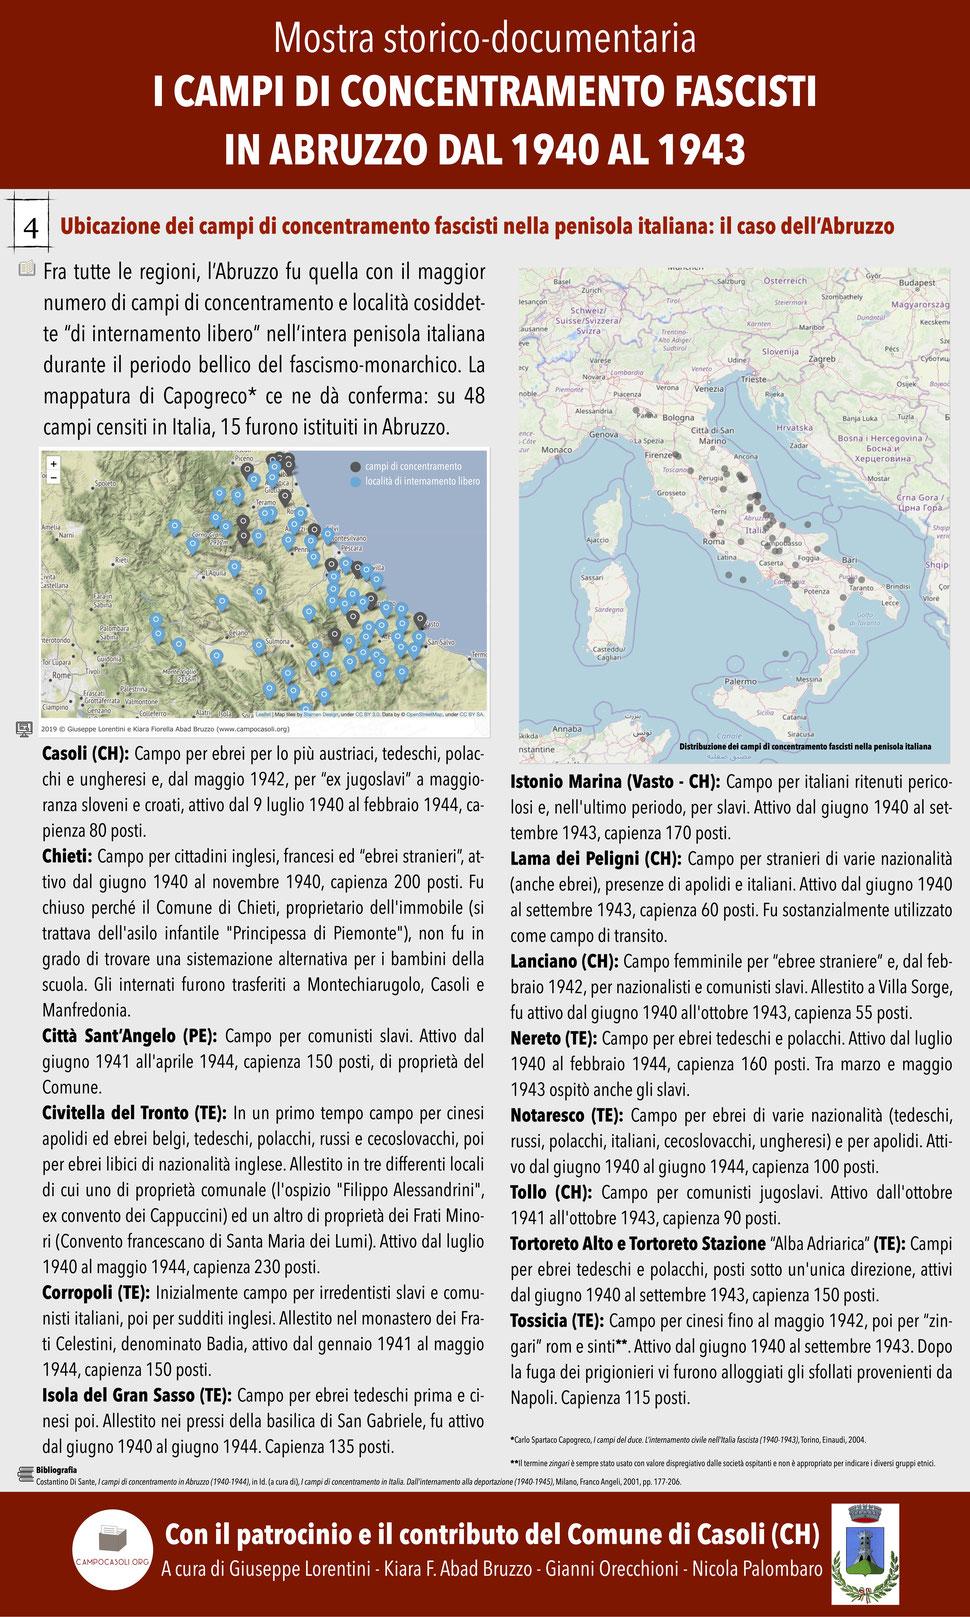 4. Ubicazione dei campi di concentramento fascisti nella penisola italiana: il caso dell'Abruzzo